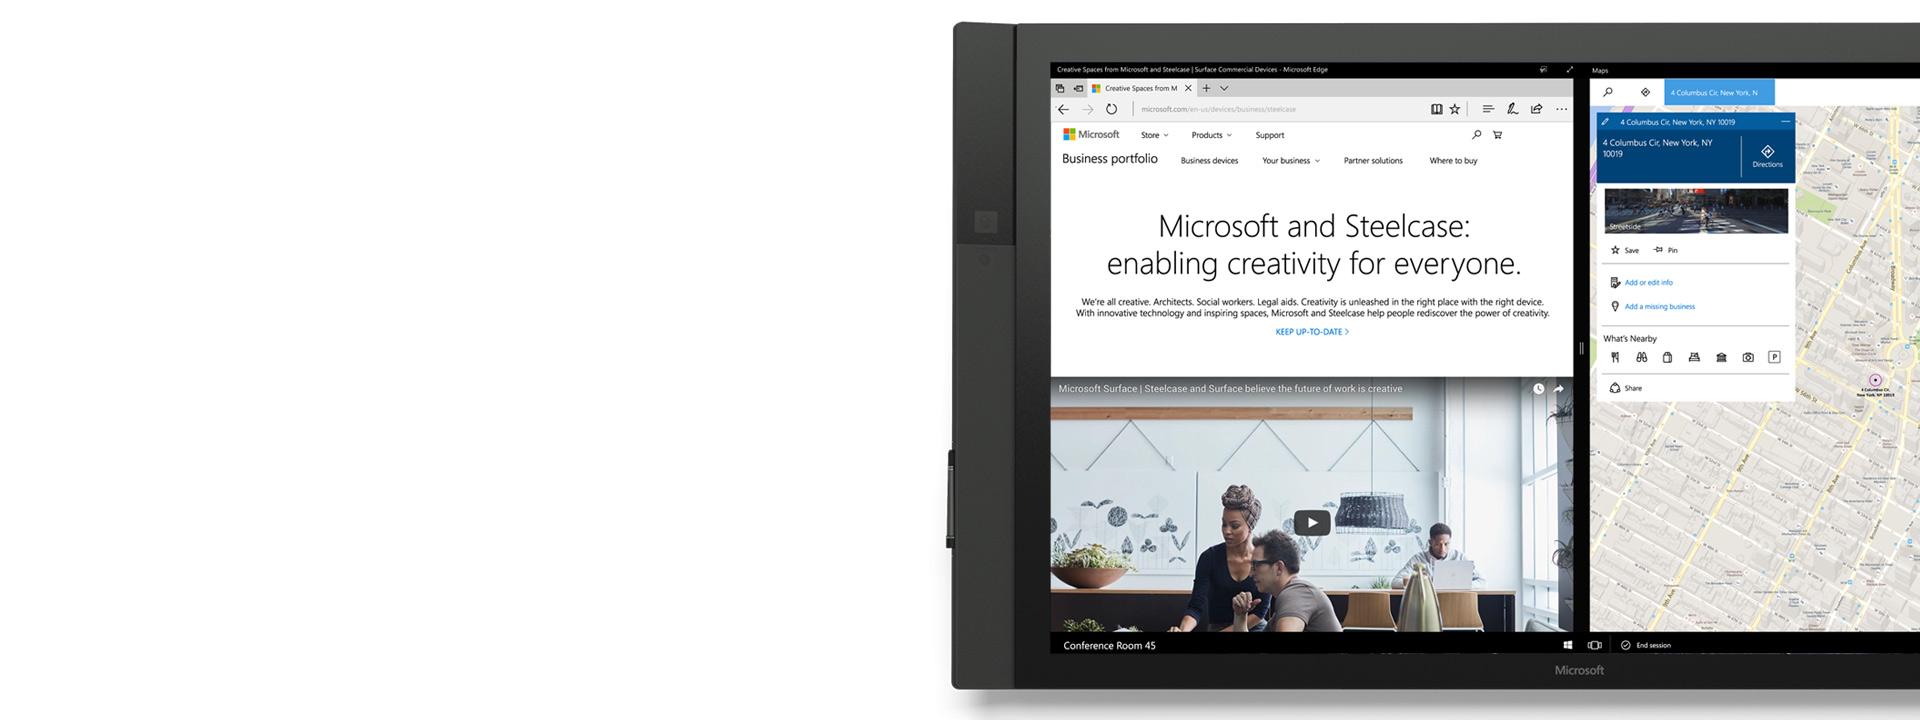 O Microsoft Edge em utilização no Surface Hub.